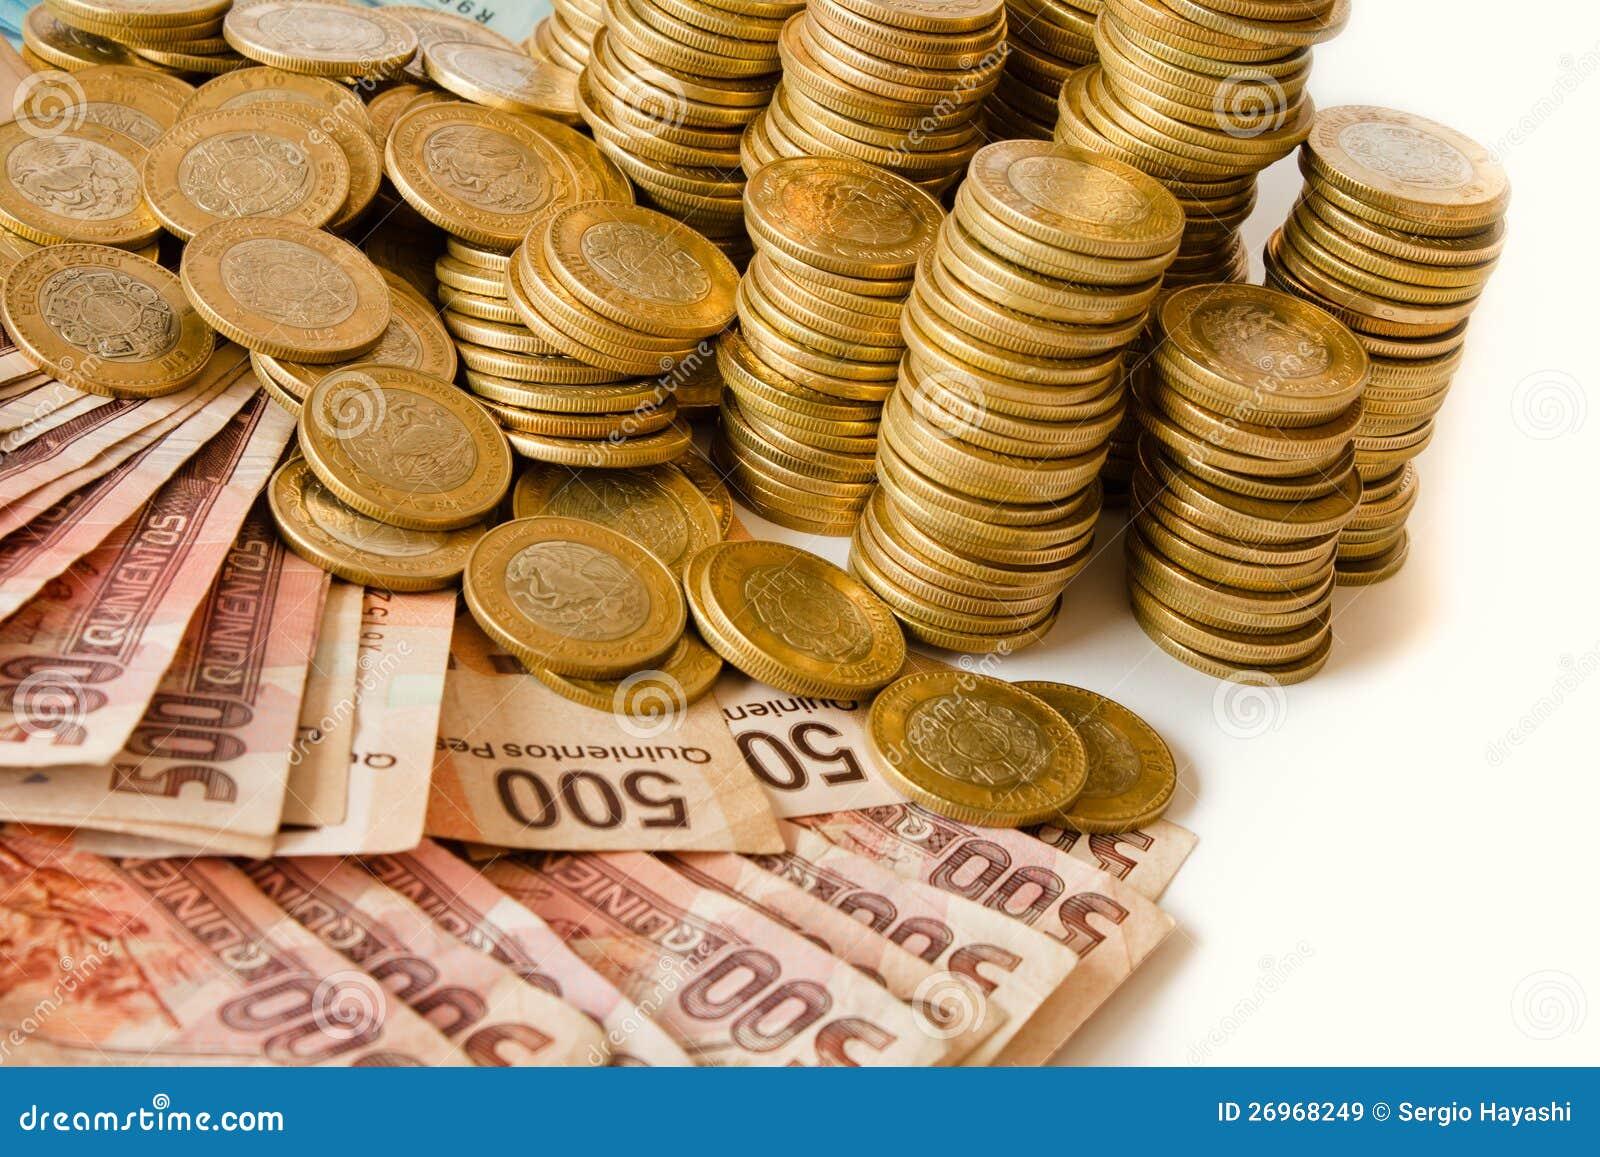 Pesos Mexicanos Imagen De Archivo Imagen De Mercado 26968249